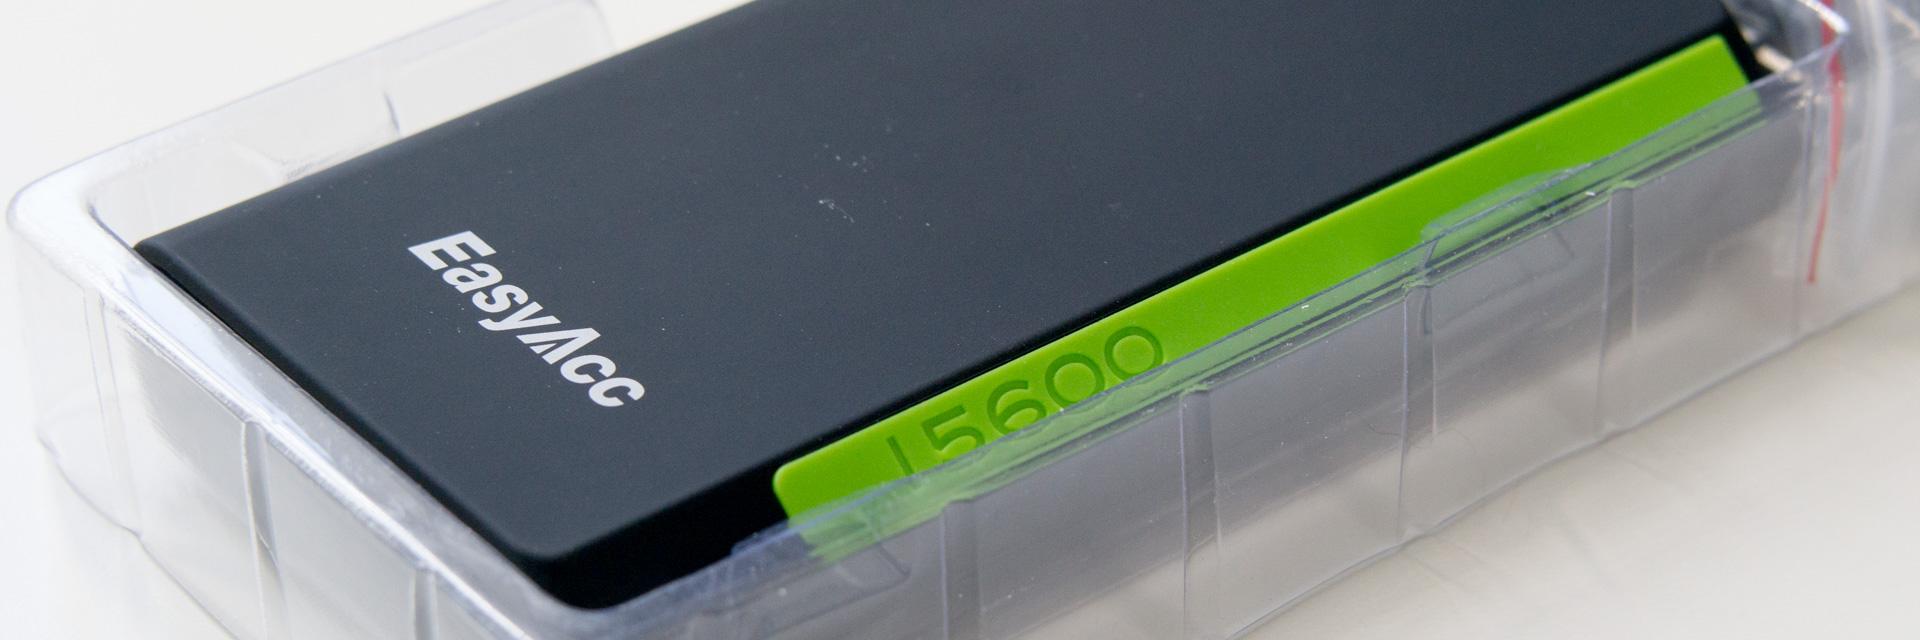 EasyAcc 15600mAh Dual USB